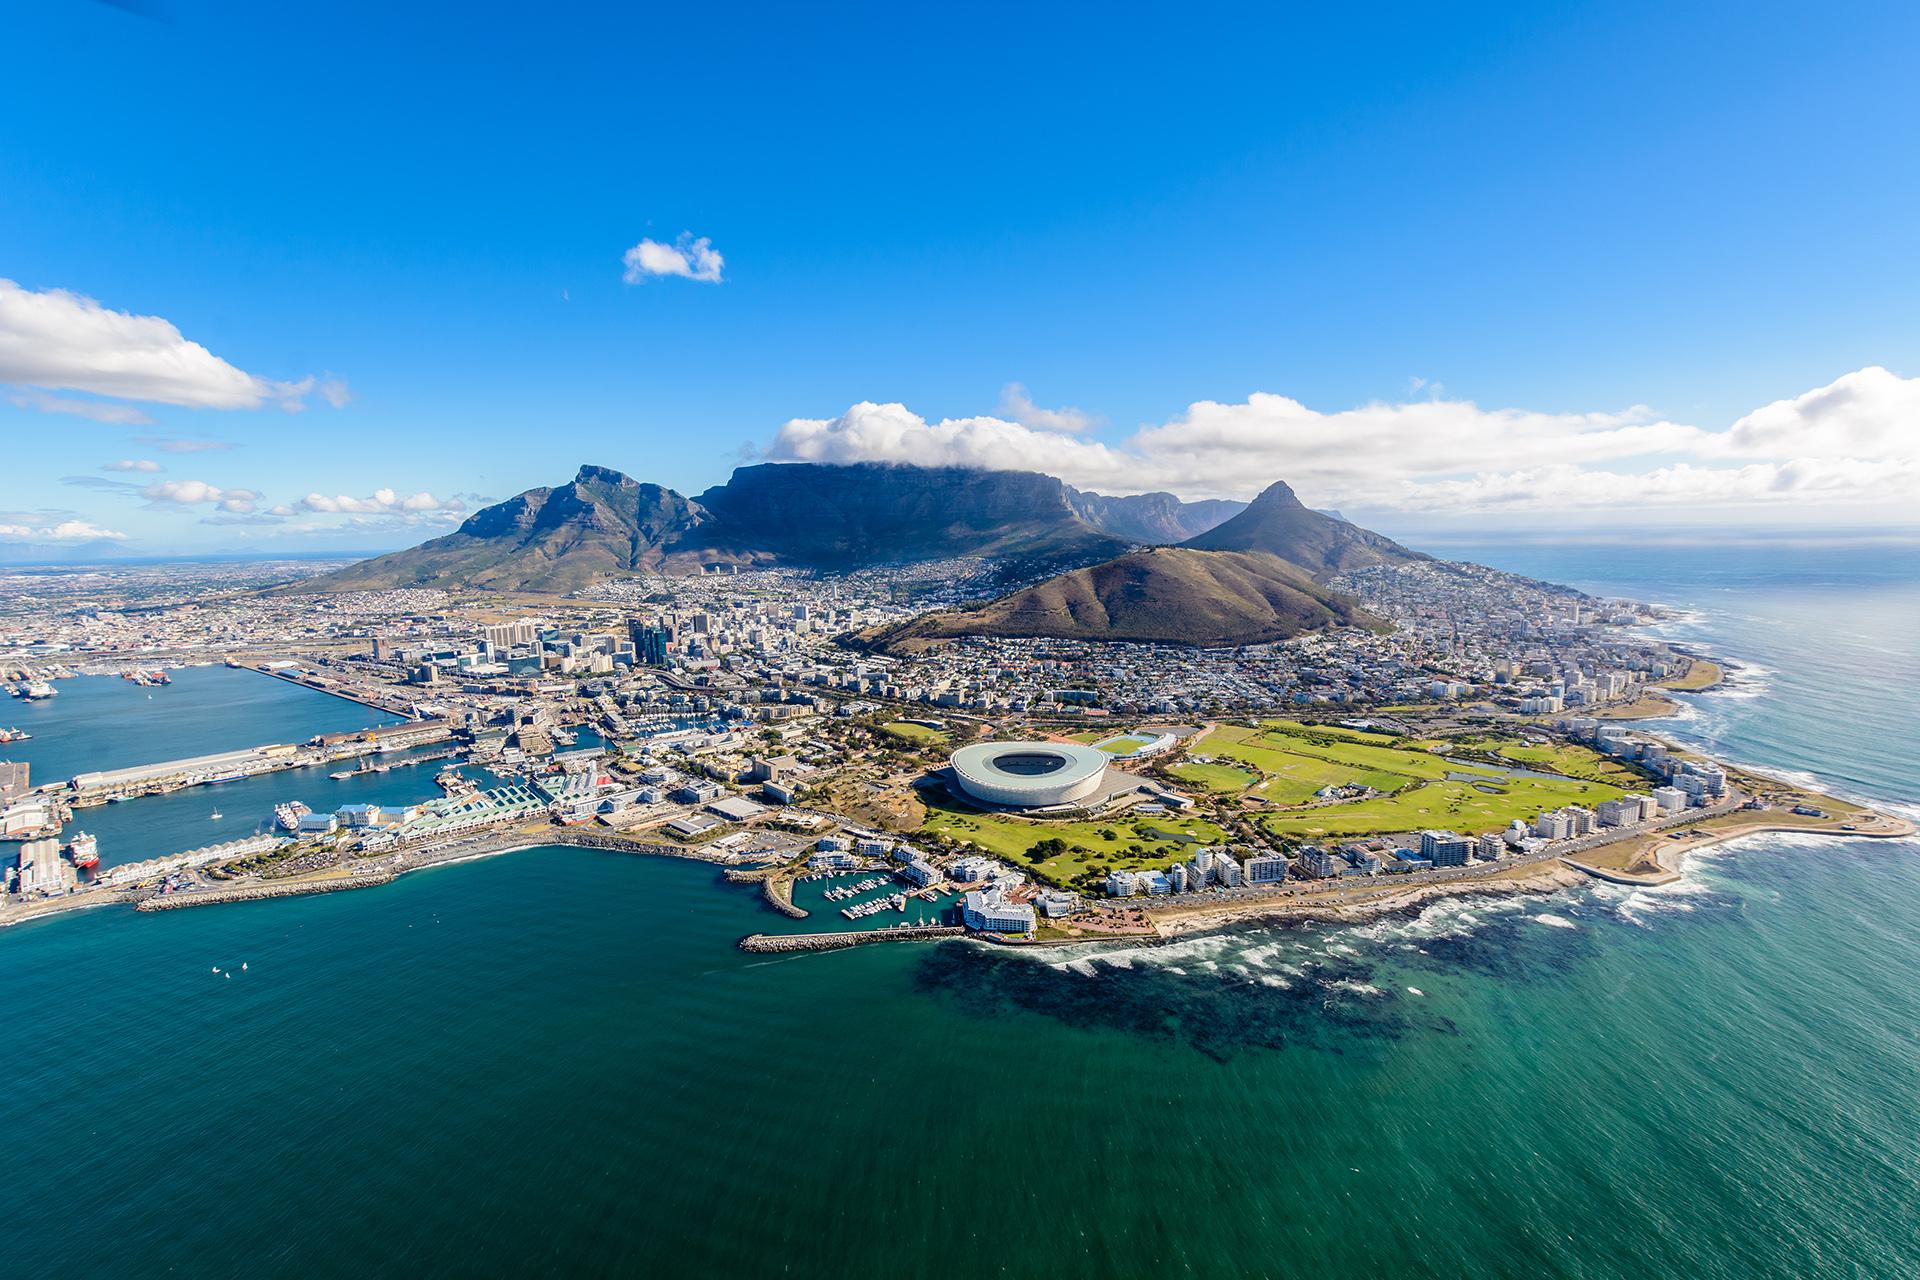 Es la segunda ciudad más poblada de Sudáfrica, después de Johannesburgo. Ahí se ubican tanto el Parlamento Nacional como muchas otras sedes gubernamentales. Es el lugar ideal para los amantes de las montañas ya que ahí se encuentra el Parque Nacional Table Mountain, que es una de las regiones florales más ricas del mundo